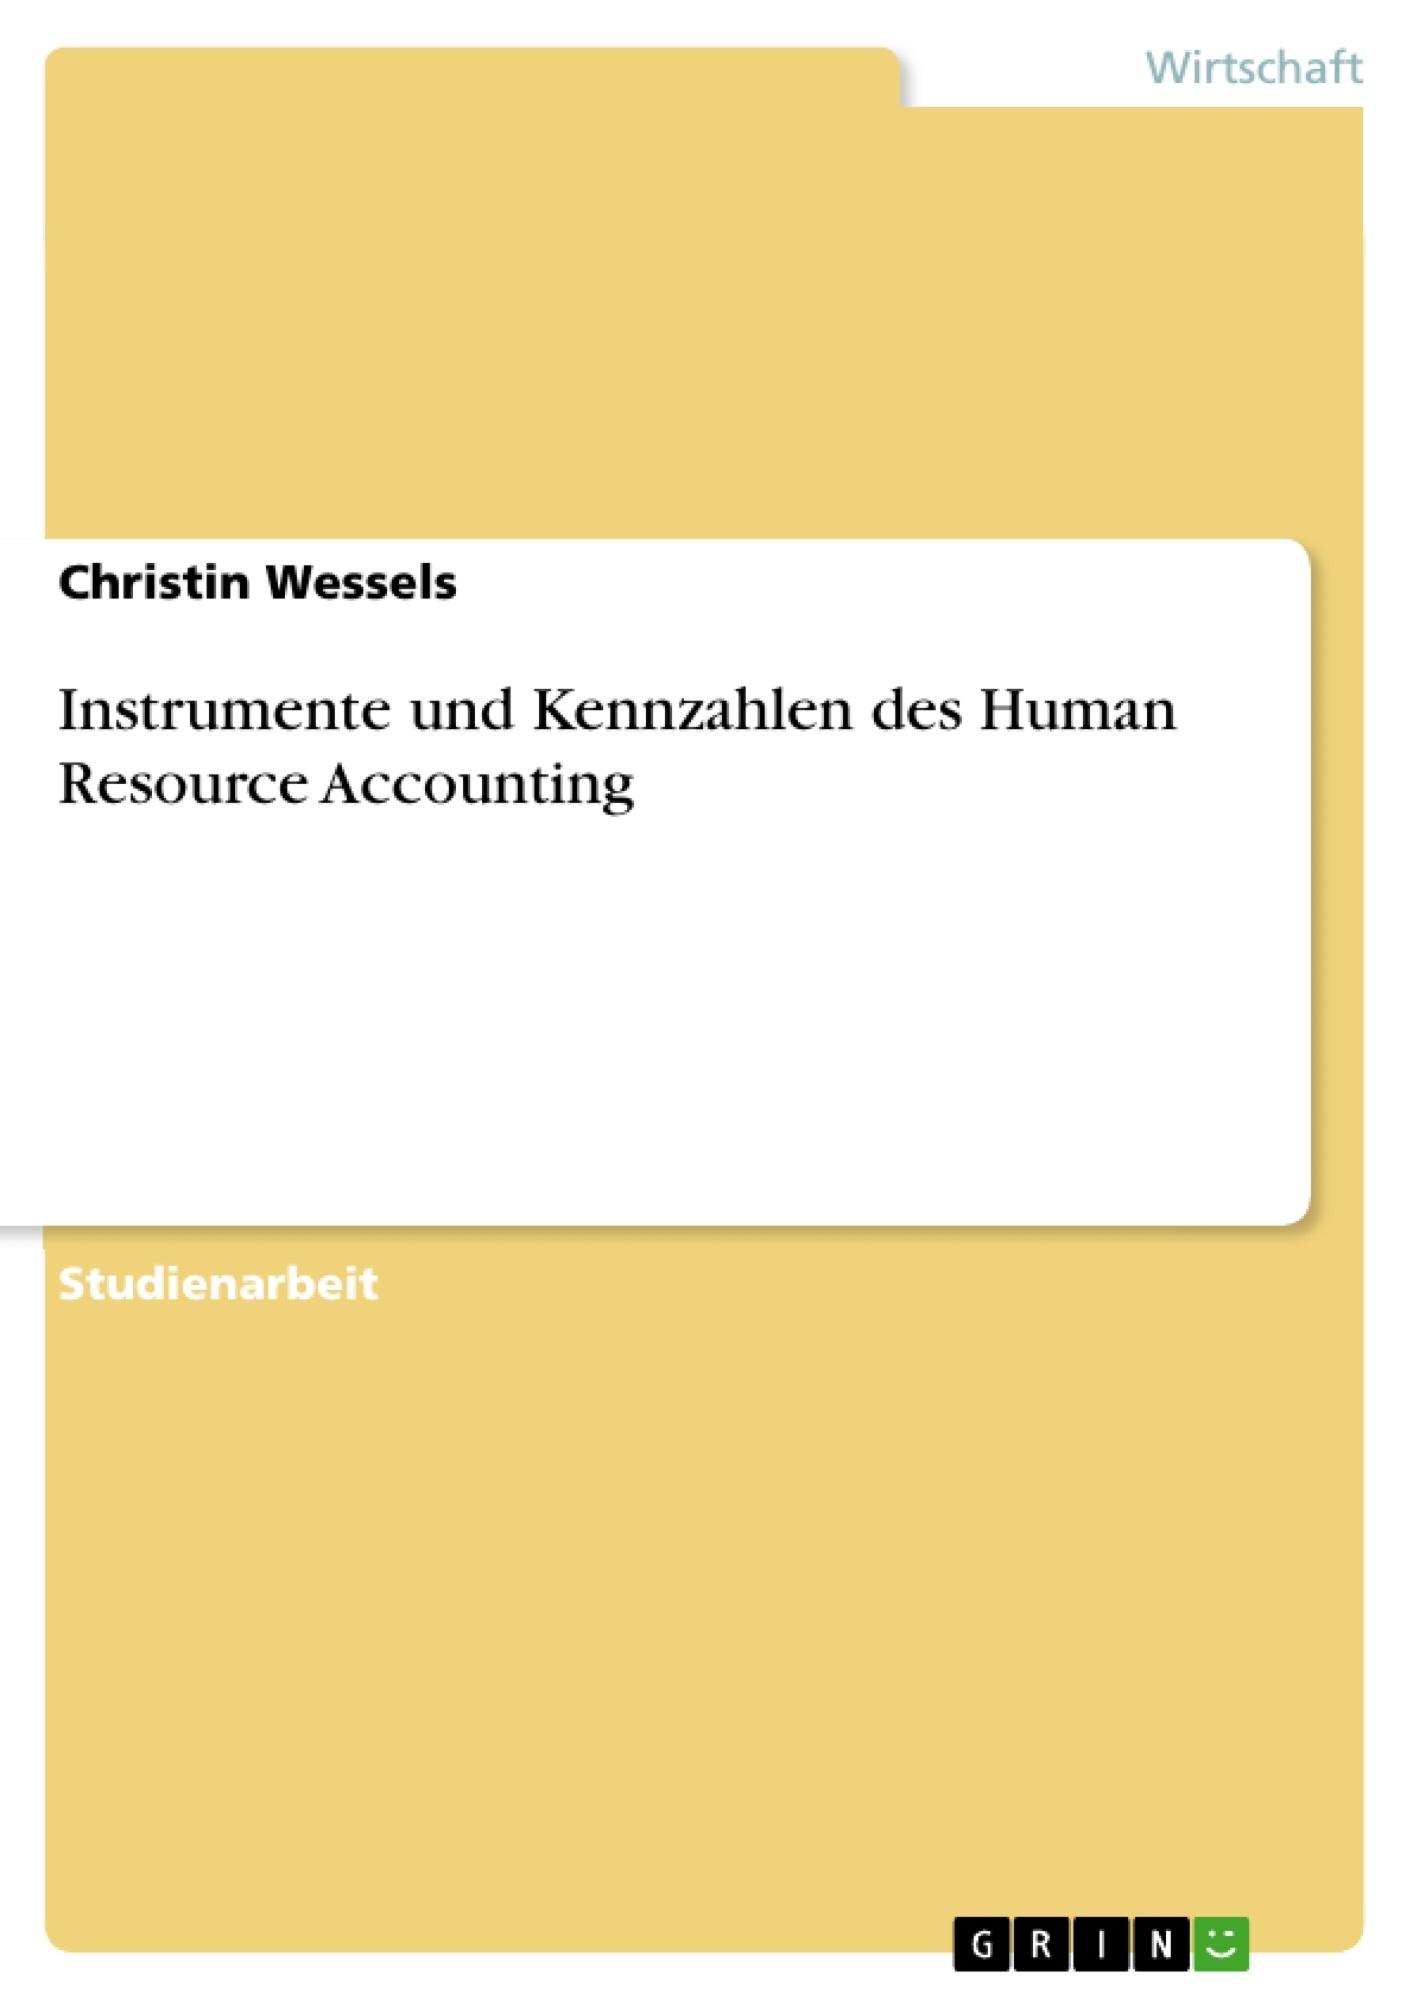 Titel: Instrumente und Kennzahlen des Human Resource Accounting